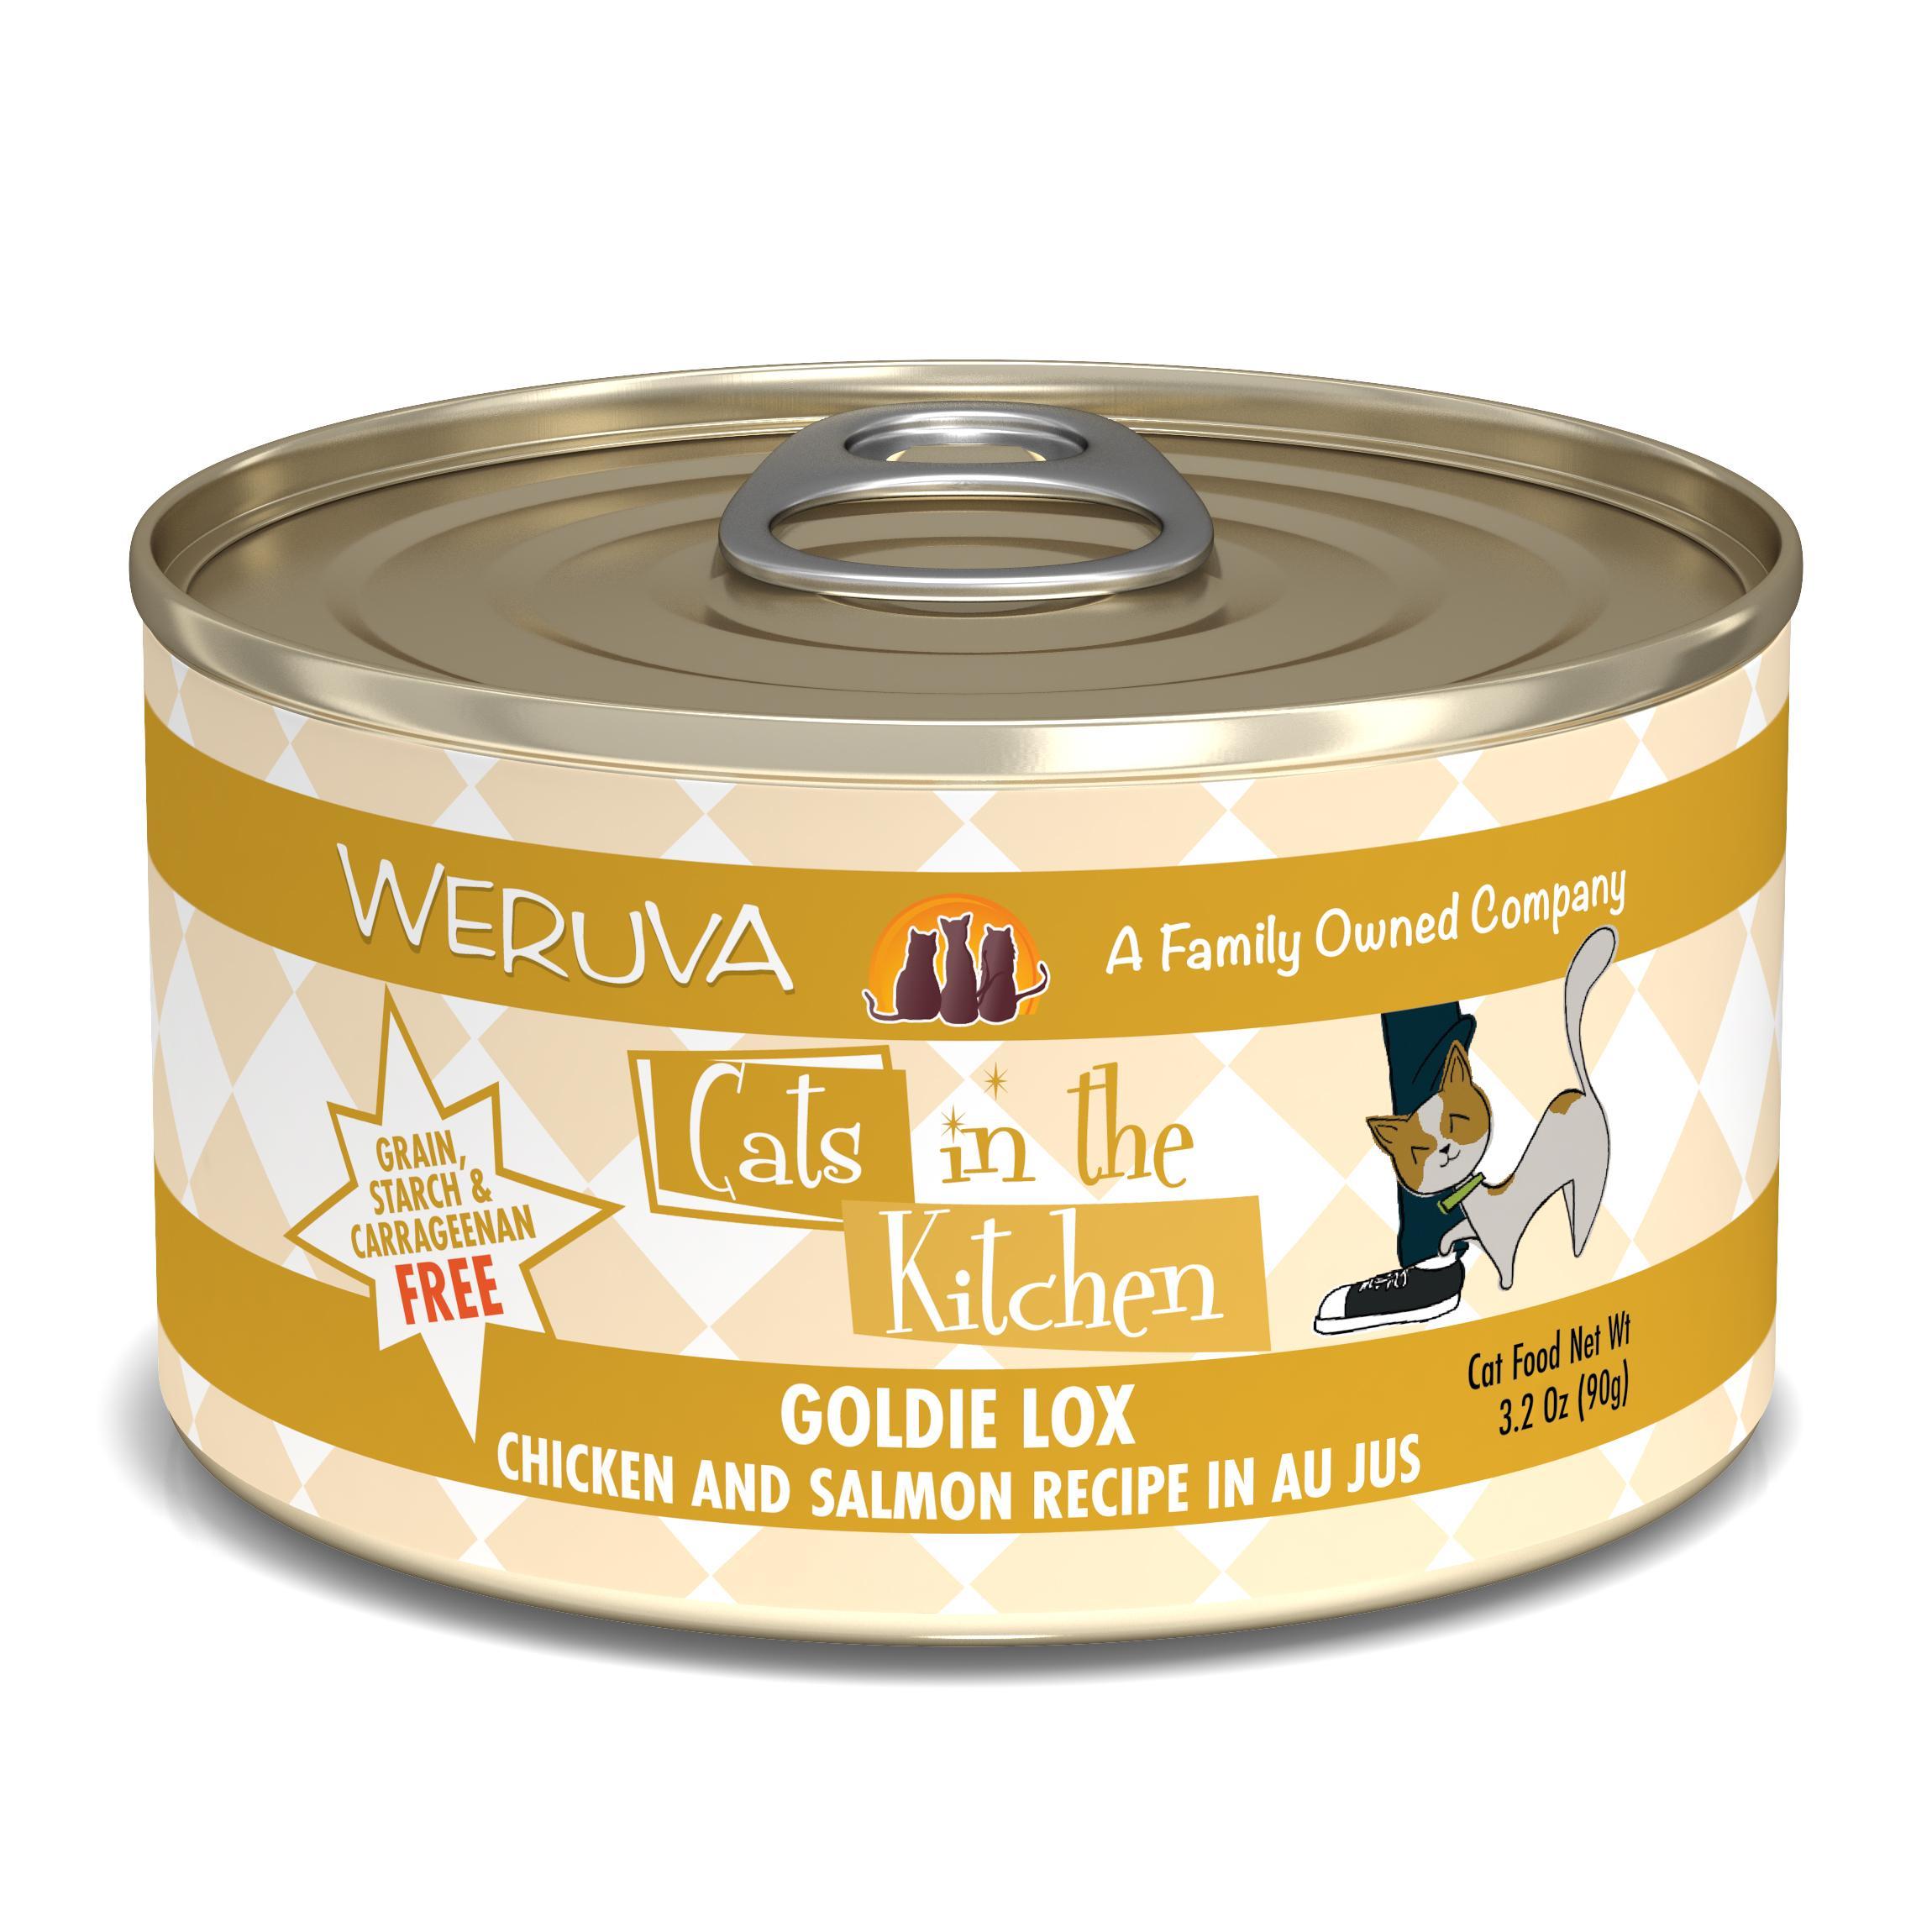 Weruva Cats in the Kitchen Goldie Lox Chicken & Salmon Au Jus Grain-Free Wet Cat Food Image